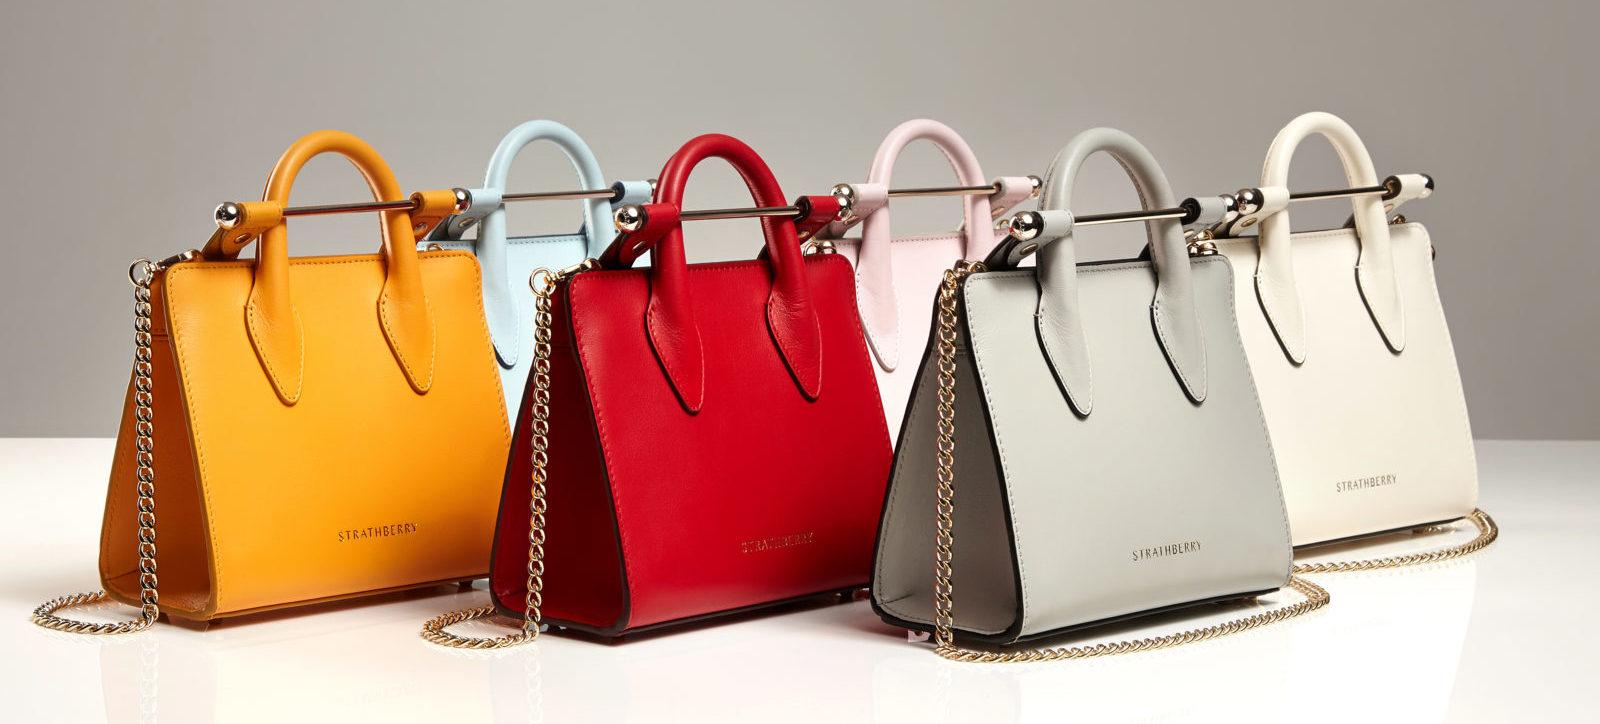 時尚英國包包界最閃耀的「三顆莓」-Strathberry,Mulberry 和 Burberry!不認識就錯過絕品好物了